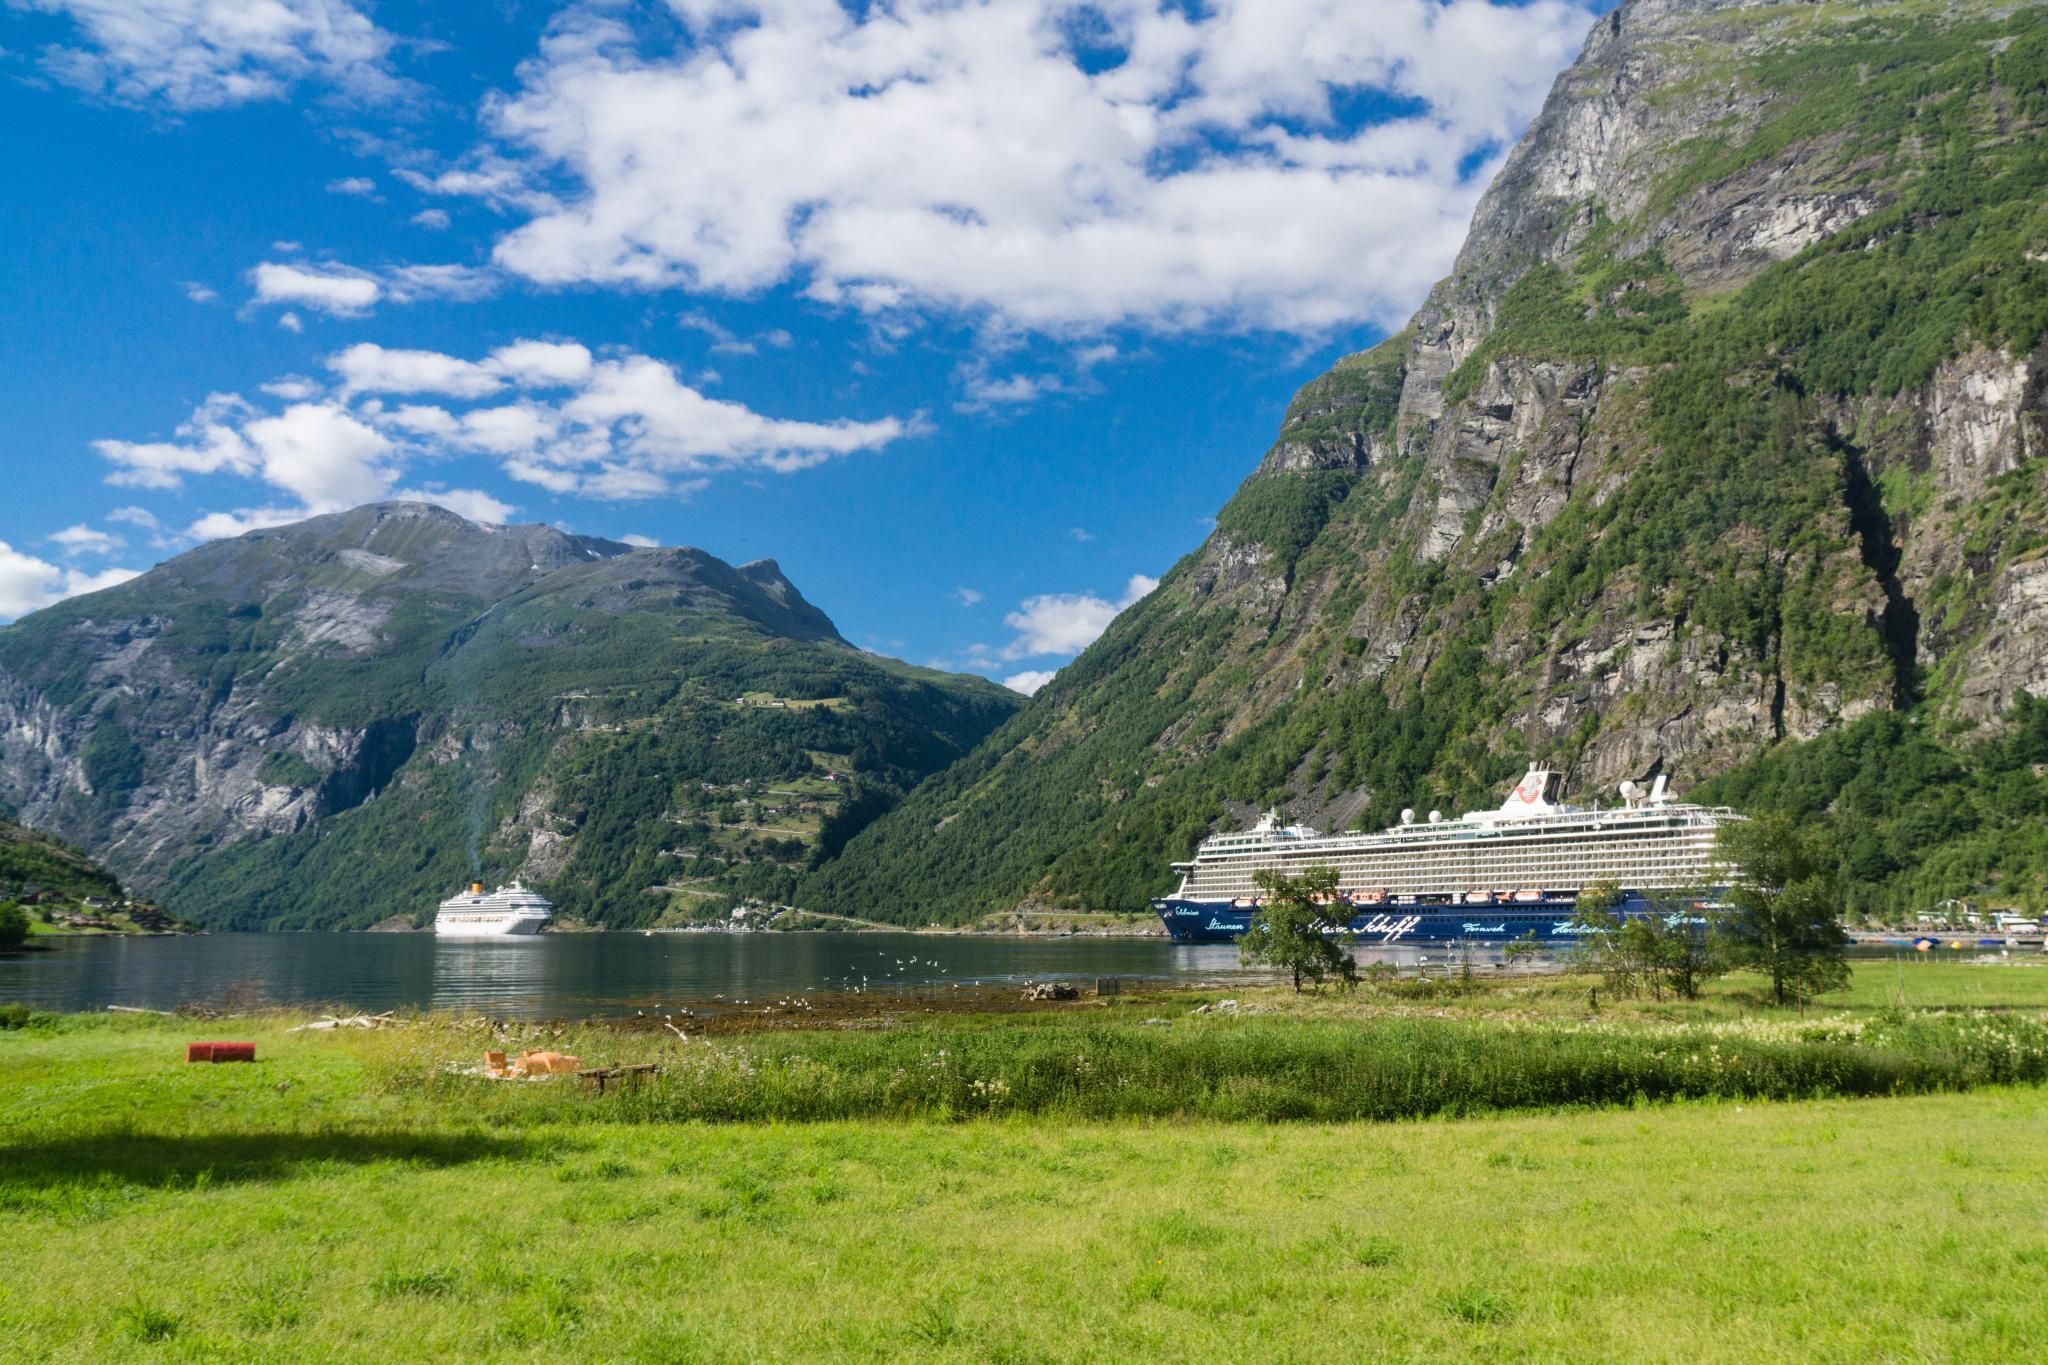 【北歐景點】Ørnesvingen 老鷹之路 ∣ 挪威世界遺產 — 蓋倫格峽灣景點總整理 18